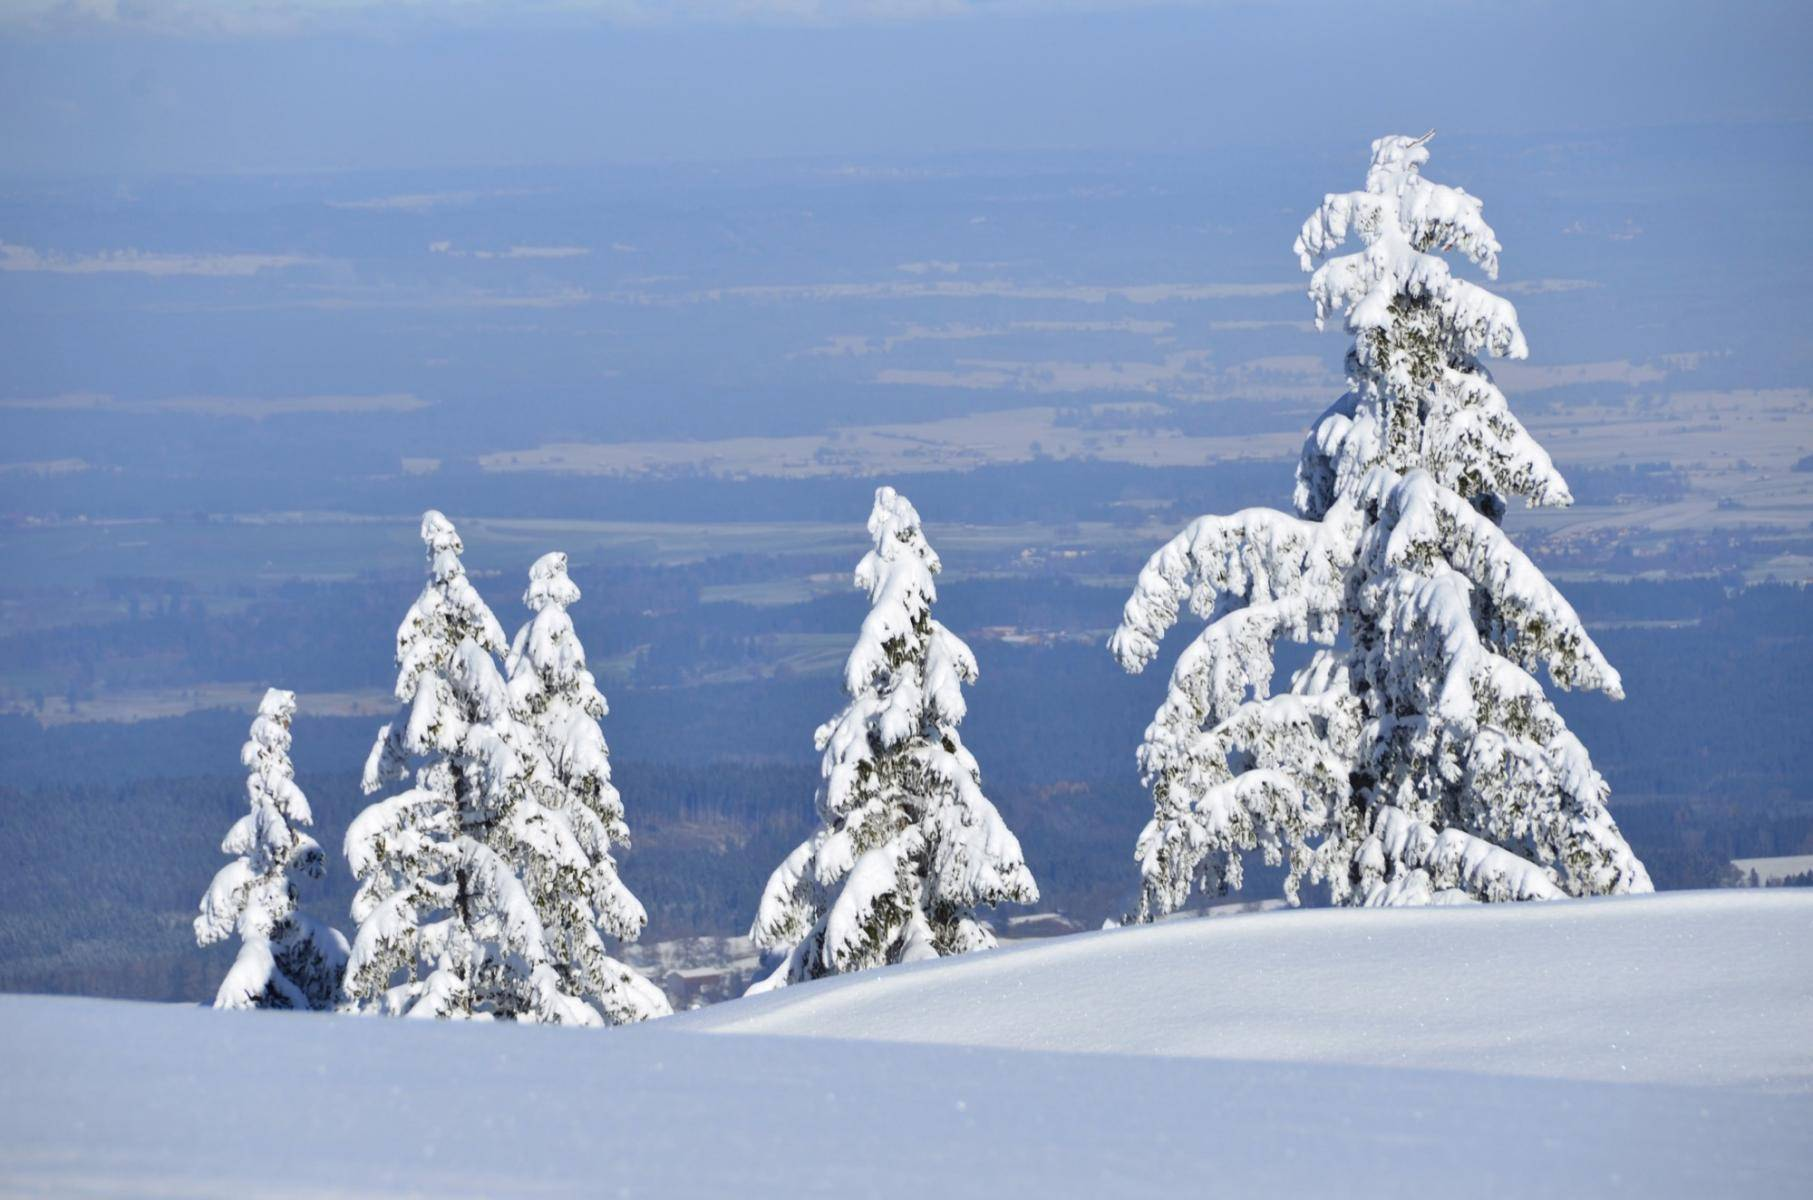 Winter am Hörnle bei Kohlgrub